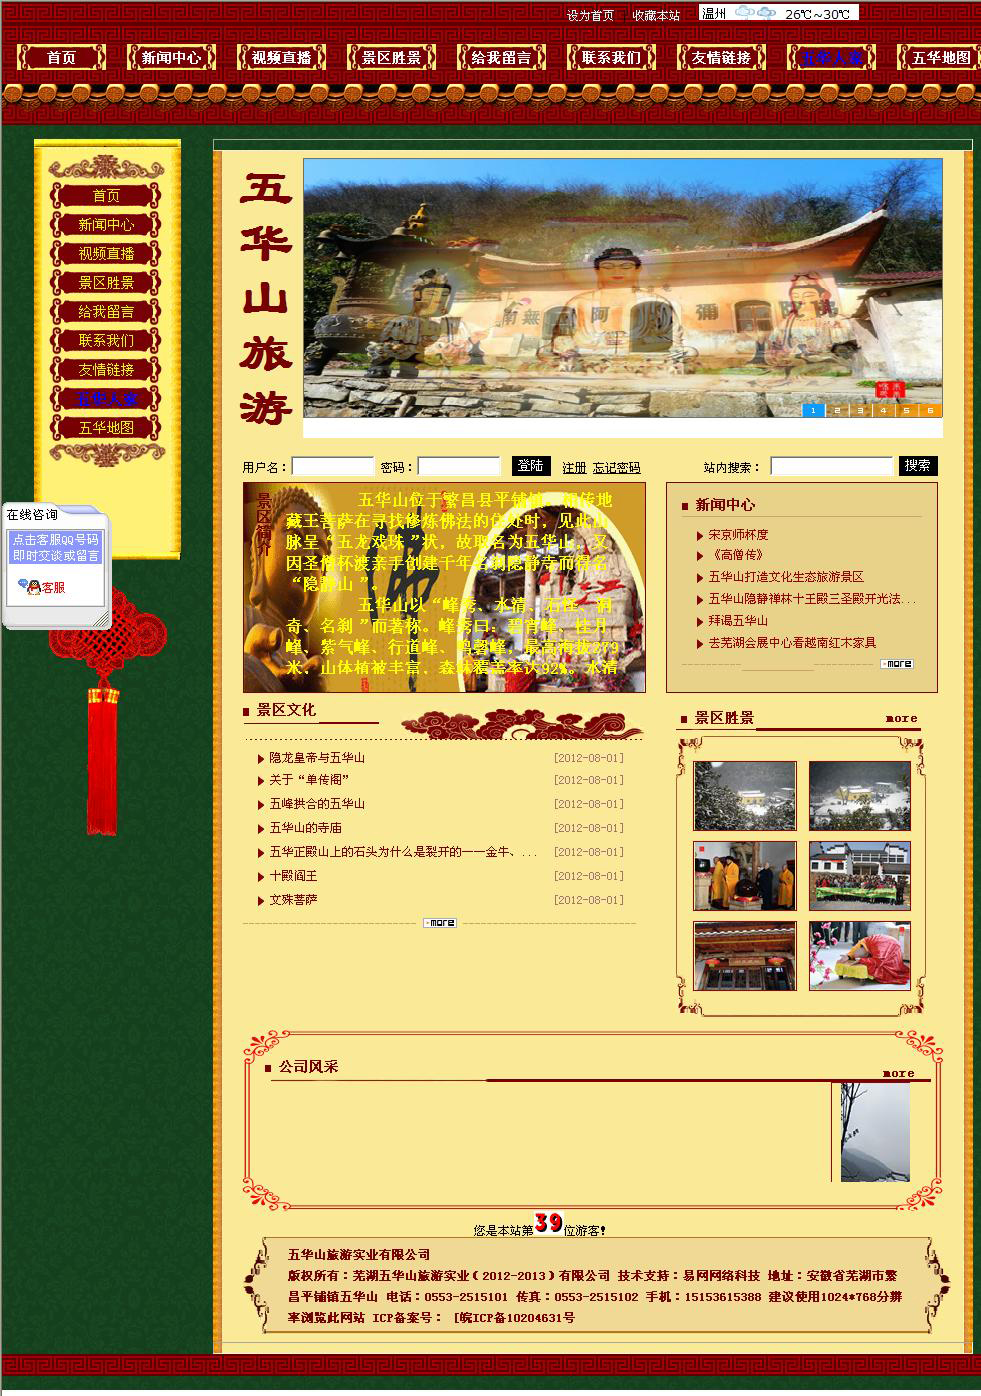 某旅游公司网站